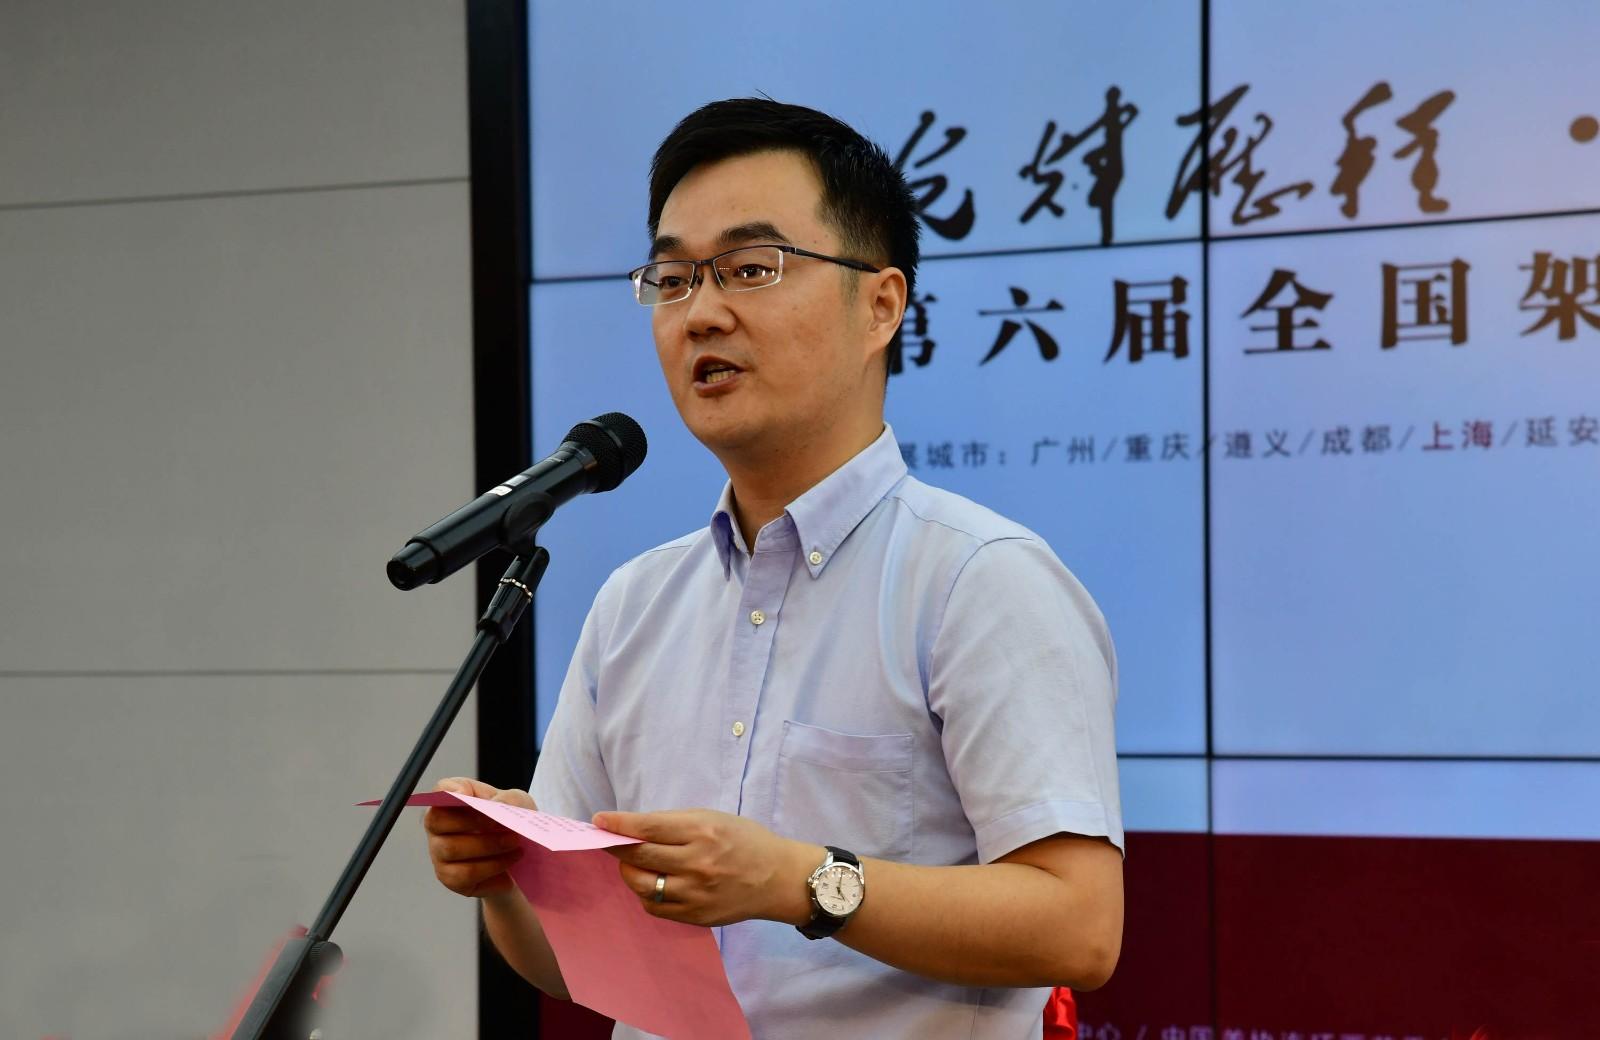 4 中共长宁区委宣传部副部长康文华致辞.jpg